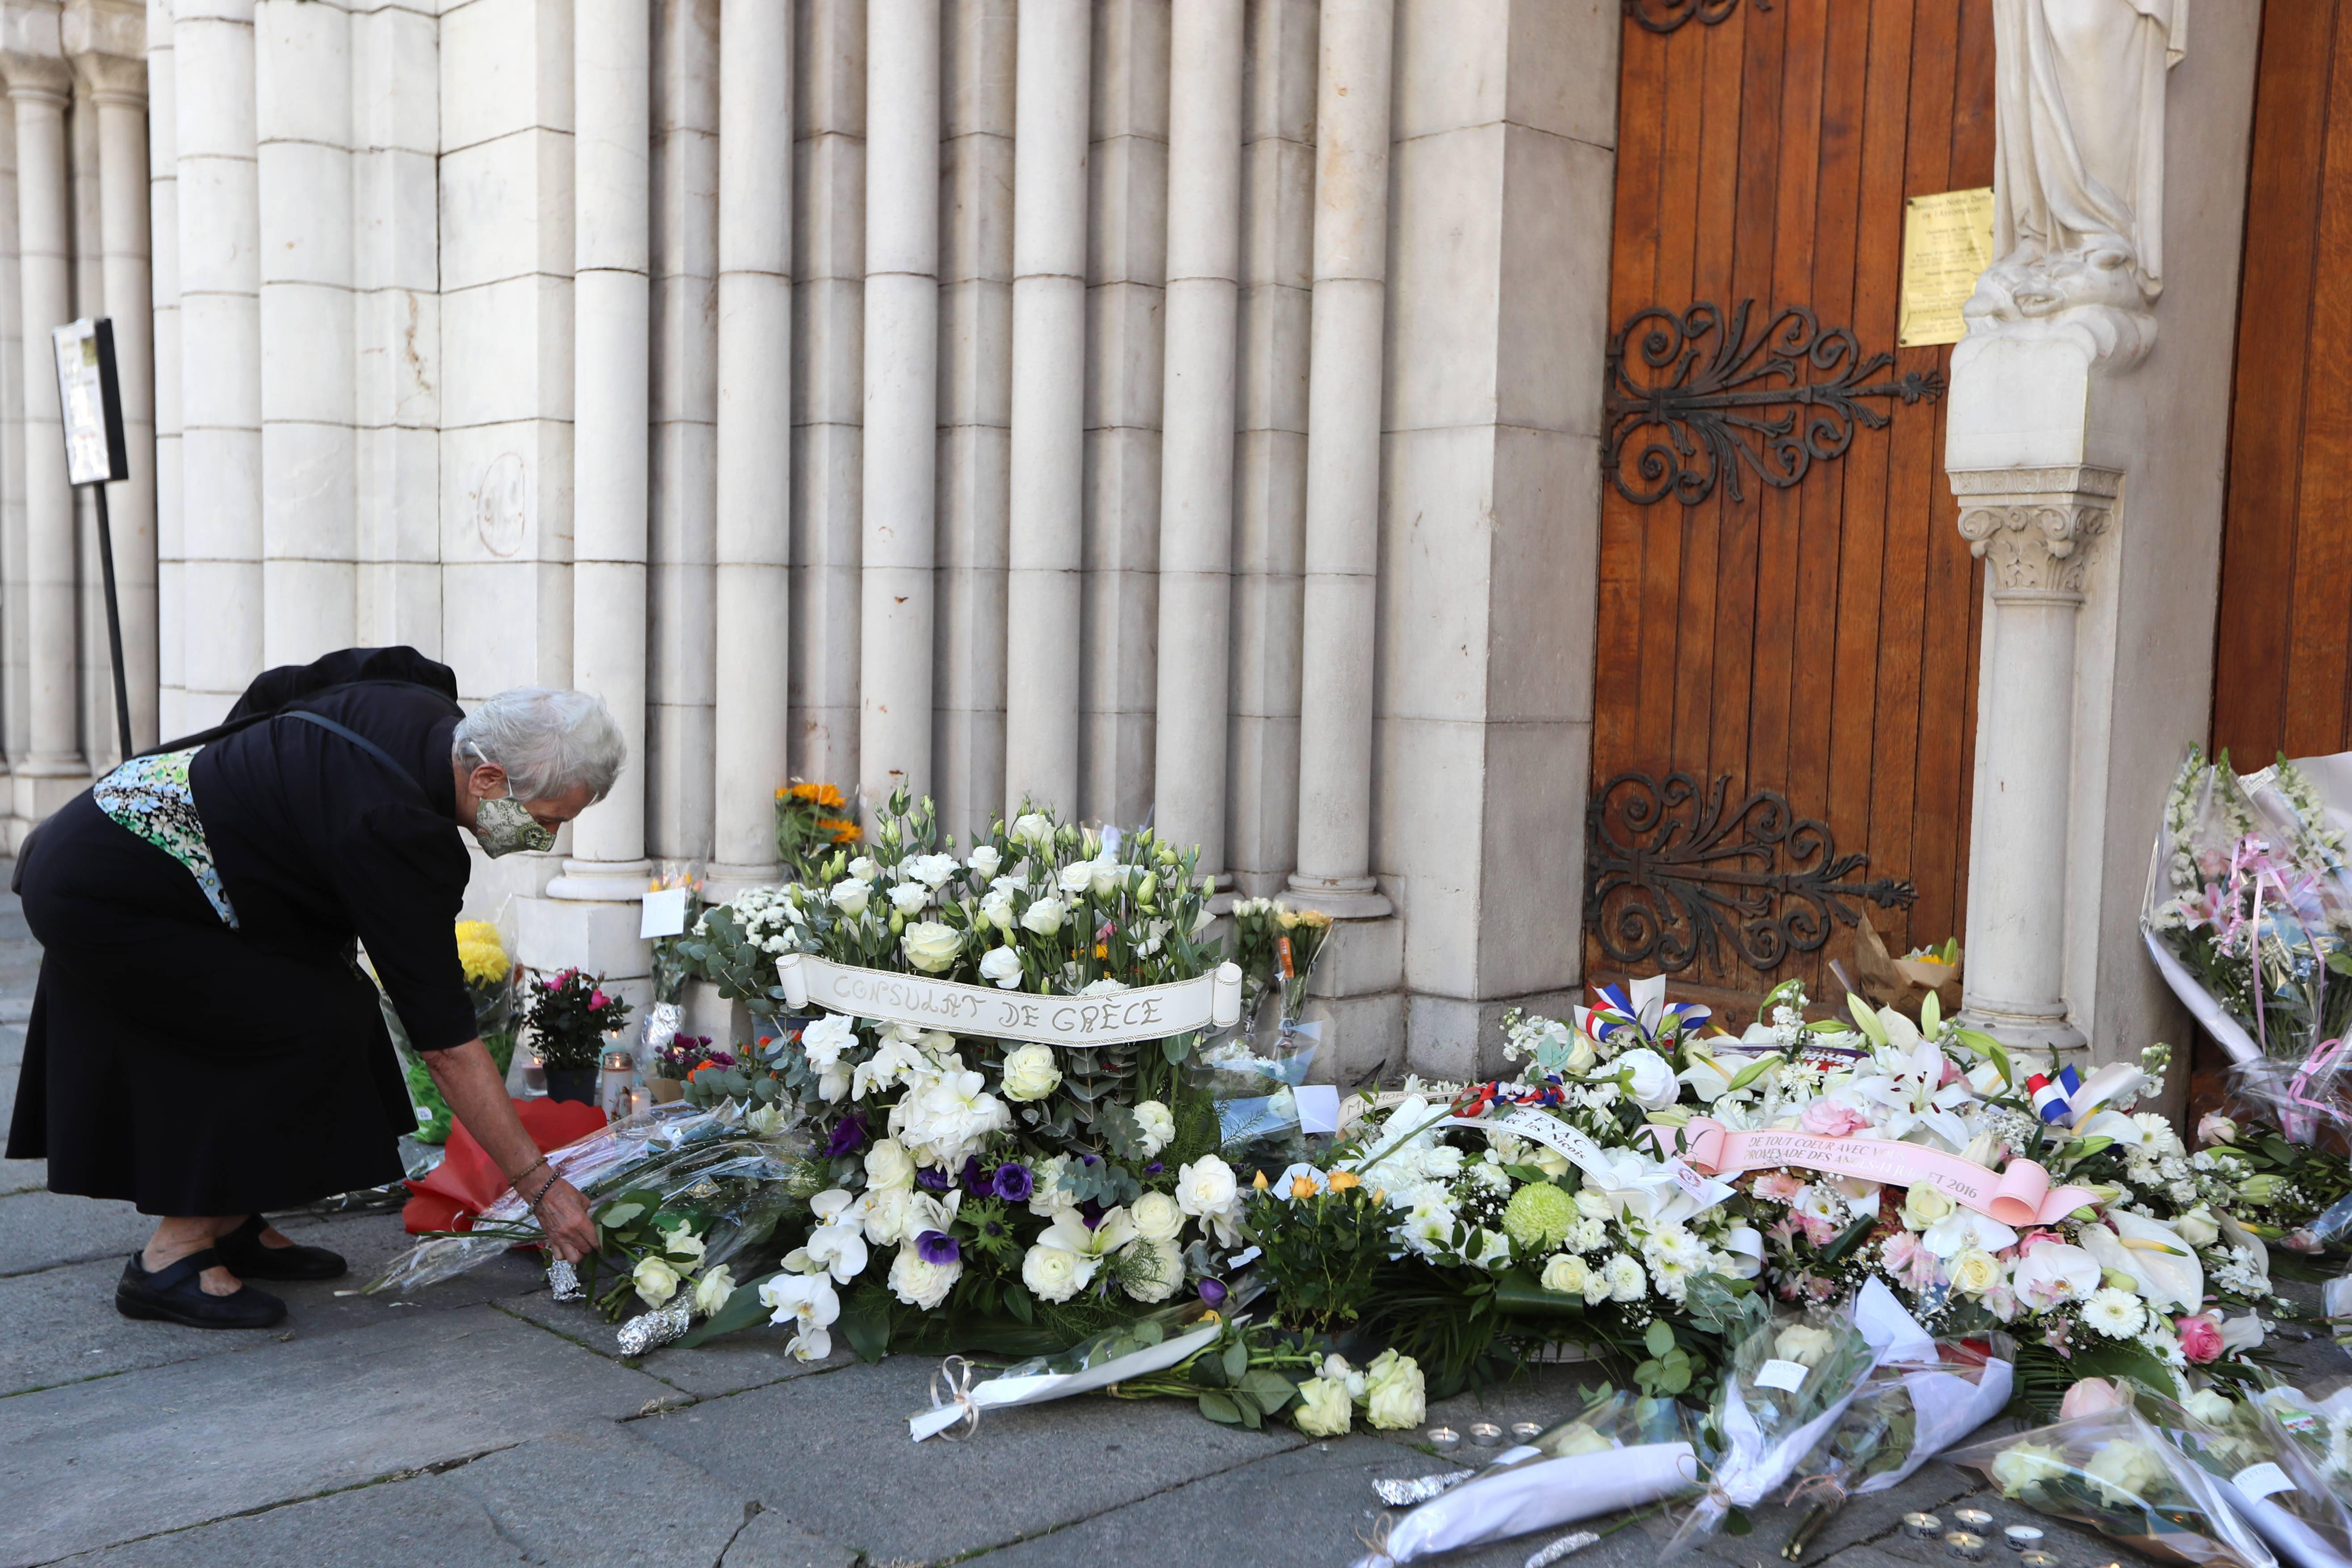 Mulher coloca flores em frente à Basílica de Notre-Dame de l'Assomption em Nice, em 30 de outubro de 2020, durante uma homenagem às vítimas mortas em ataque com faca na igreja, no dia anterior | Foto: Valery HACHE/AFP